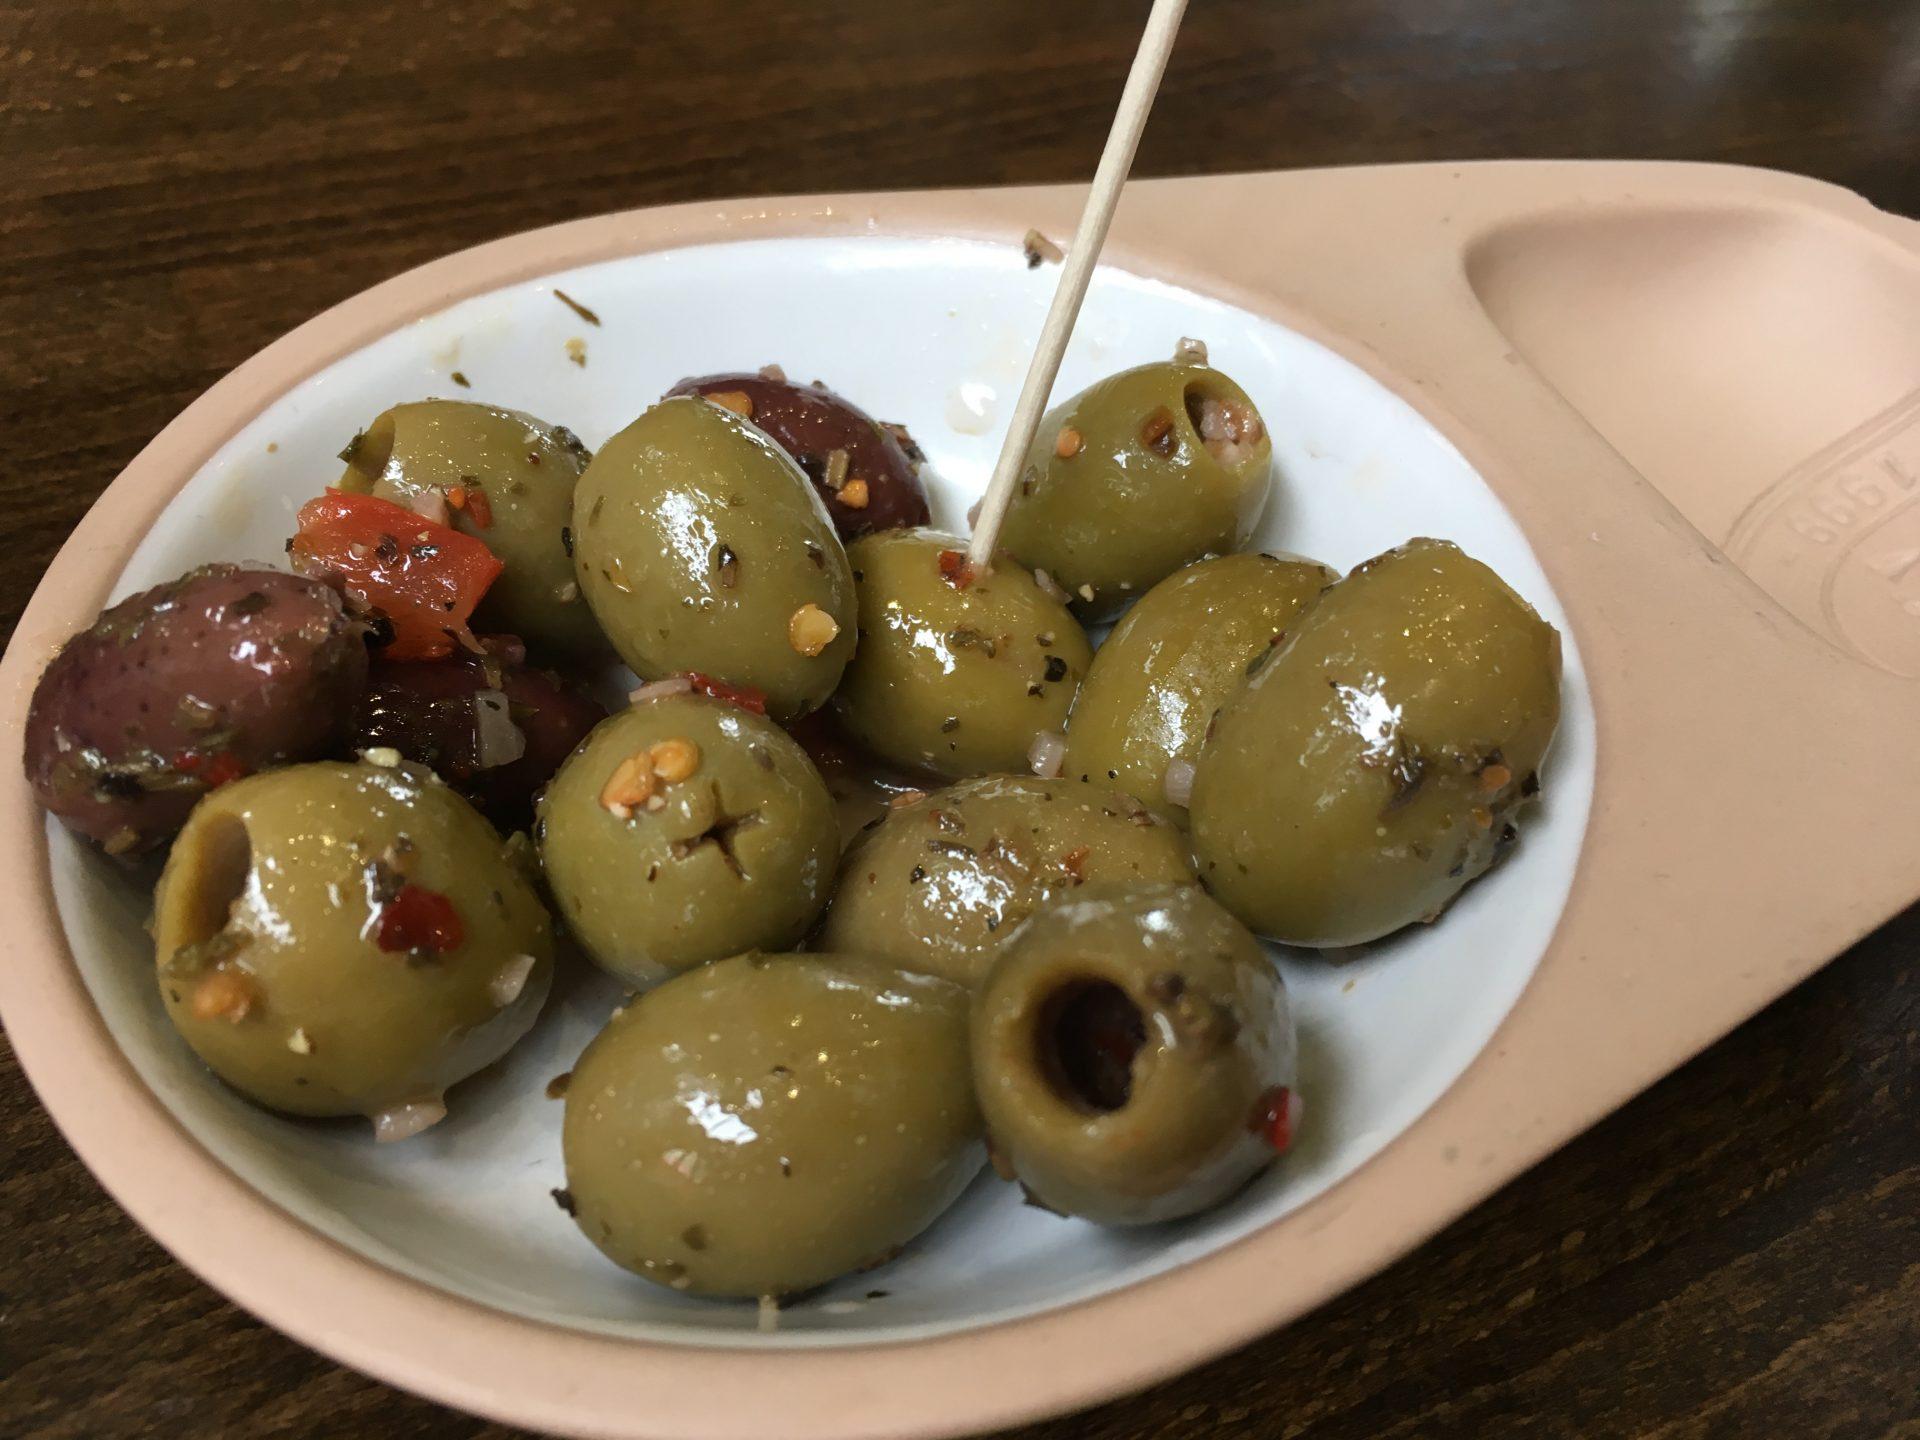 Zizzi's olives